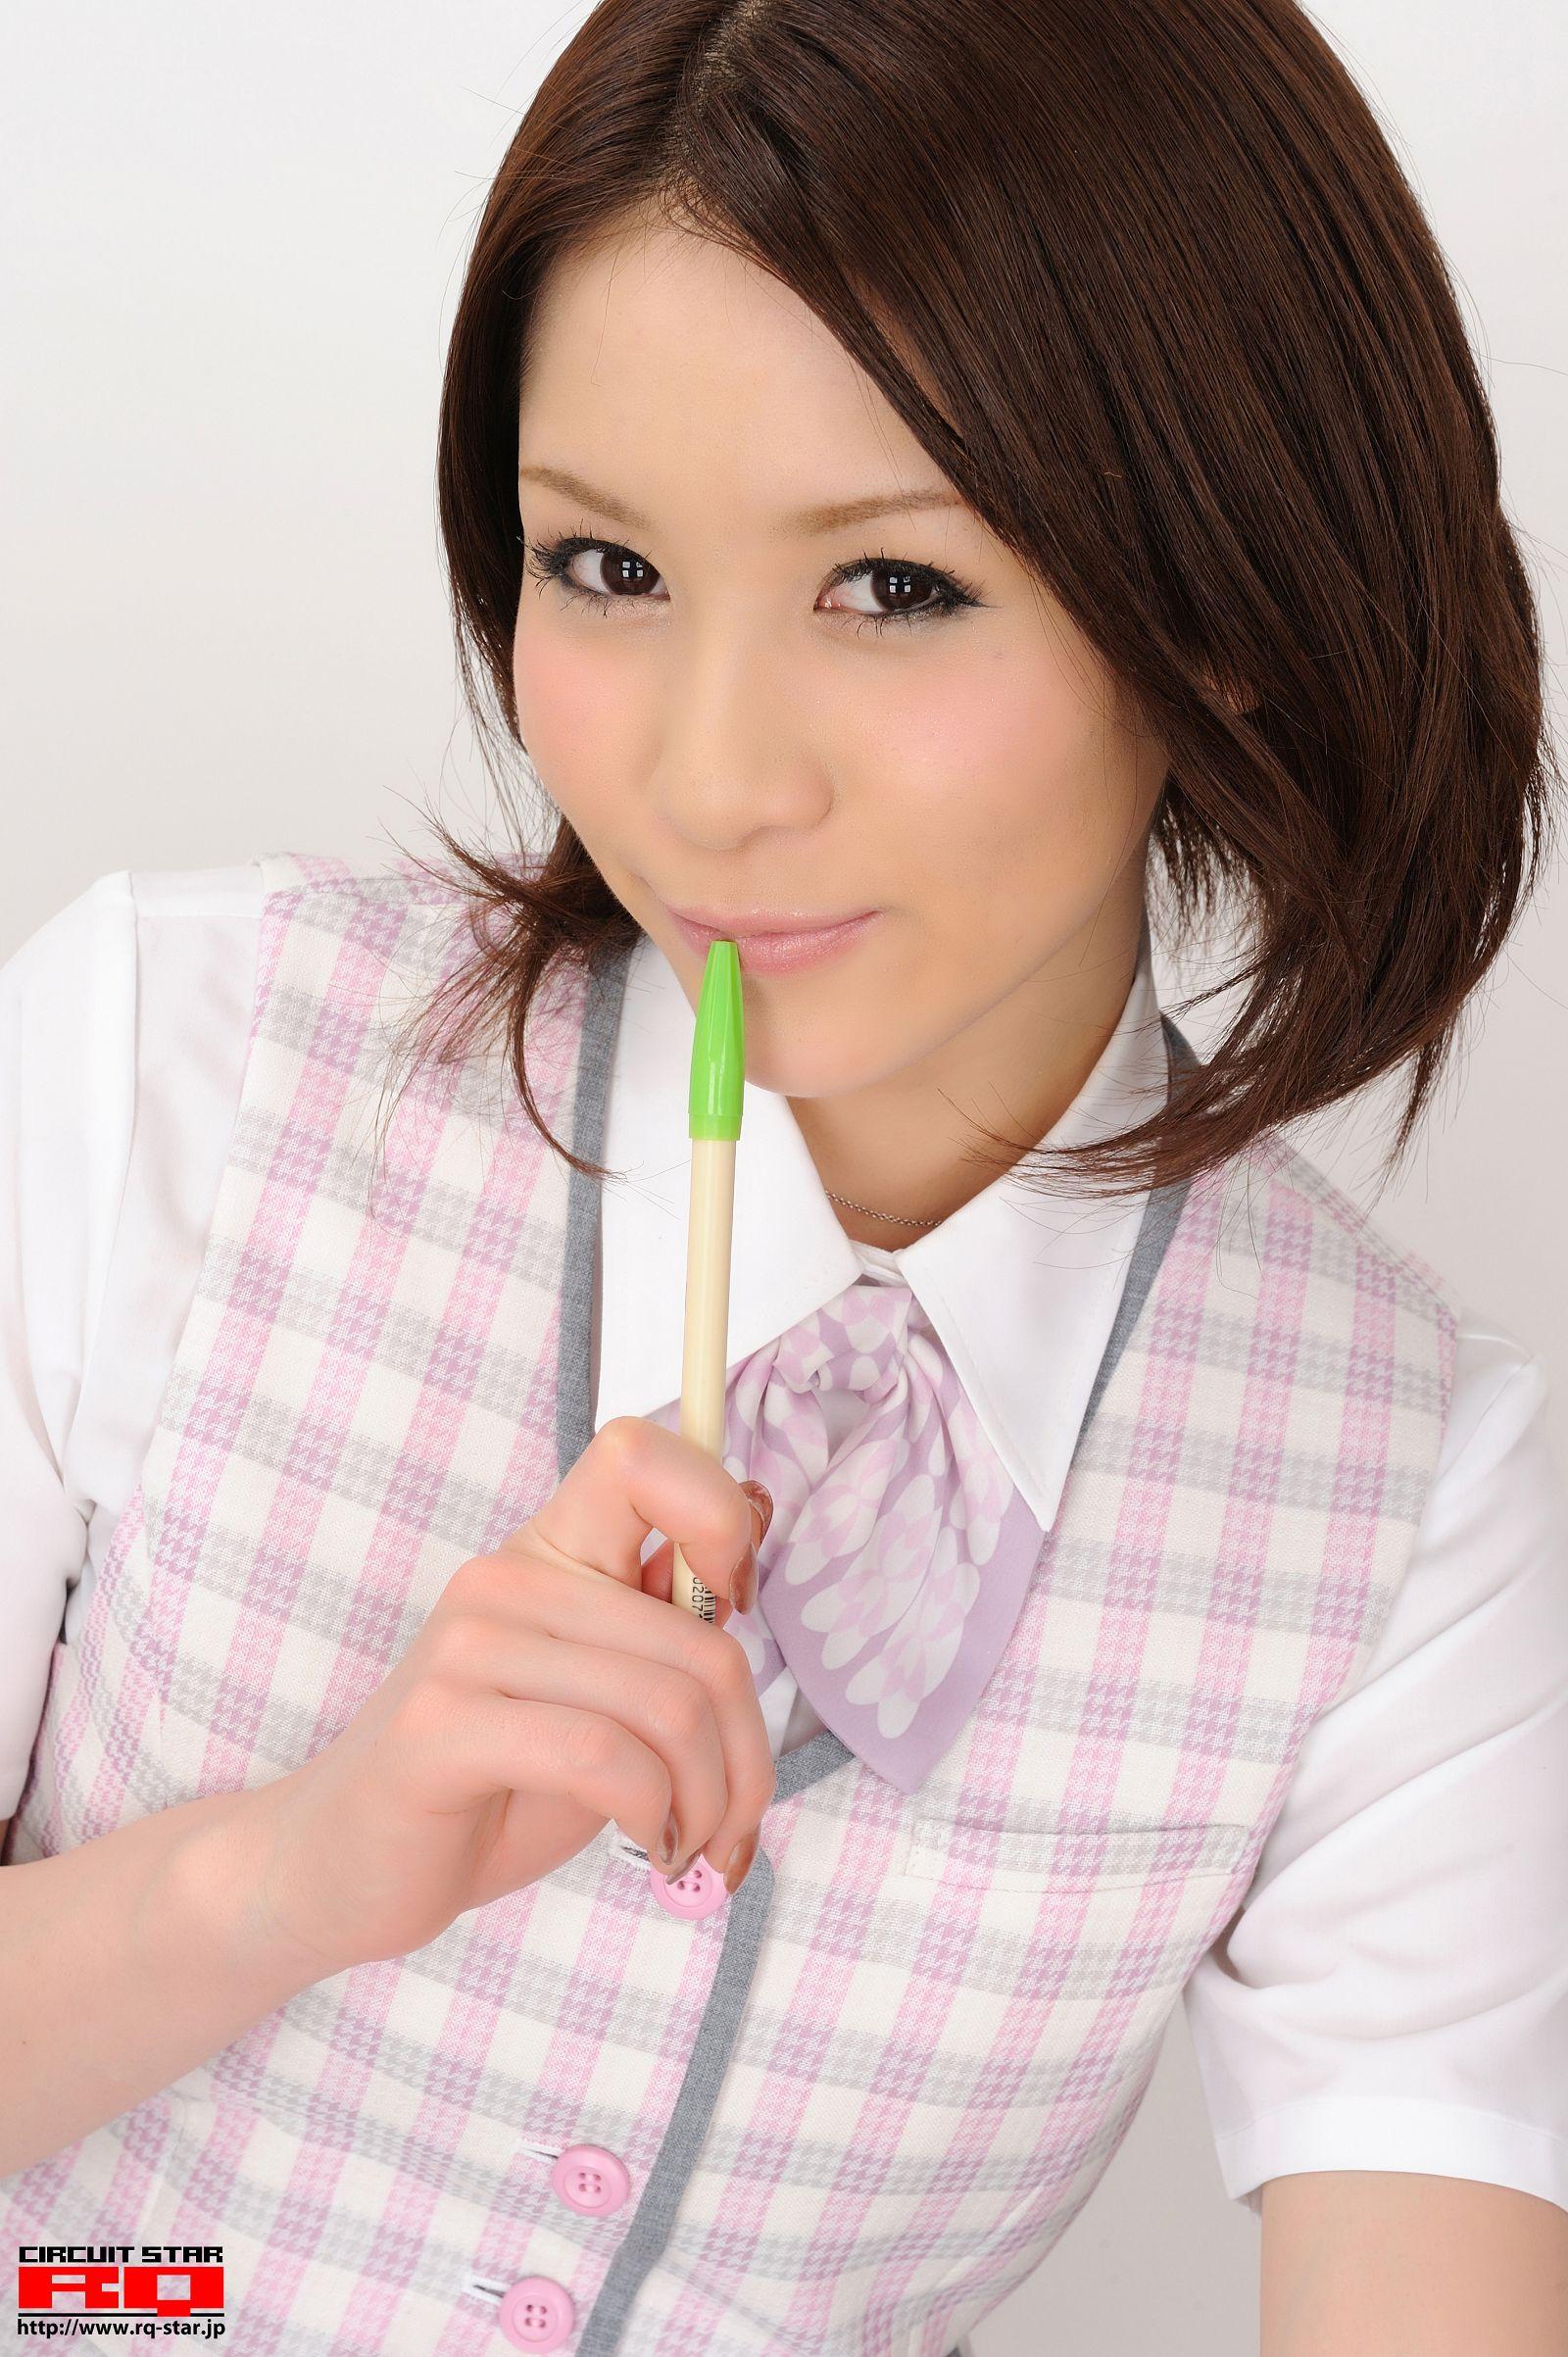 [RQ STAR美女] NO.0300 Saki Tachibana 立花サキ Office Lady[126P] RQ STAR 第4张